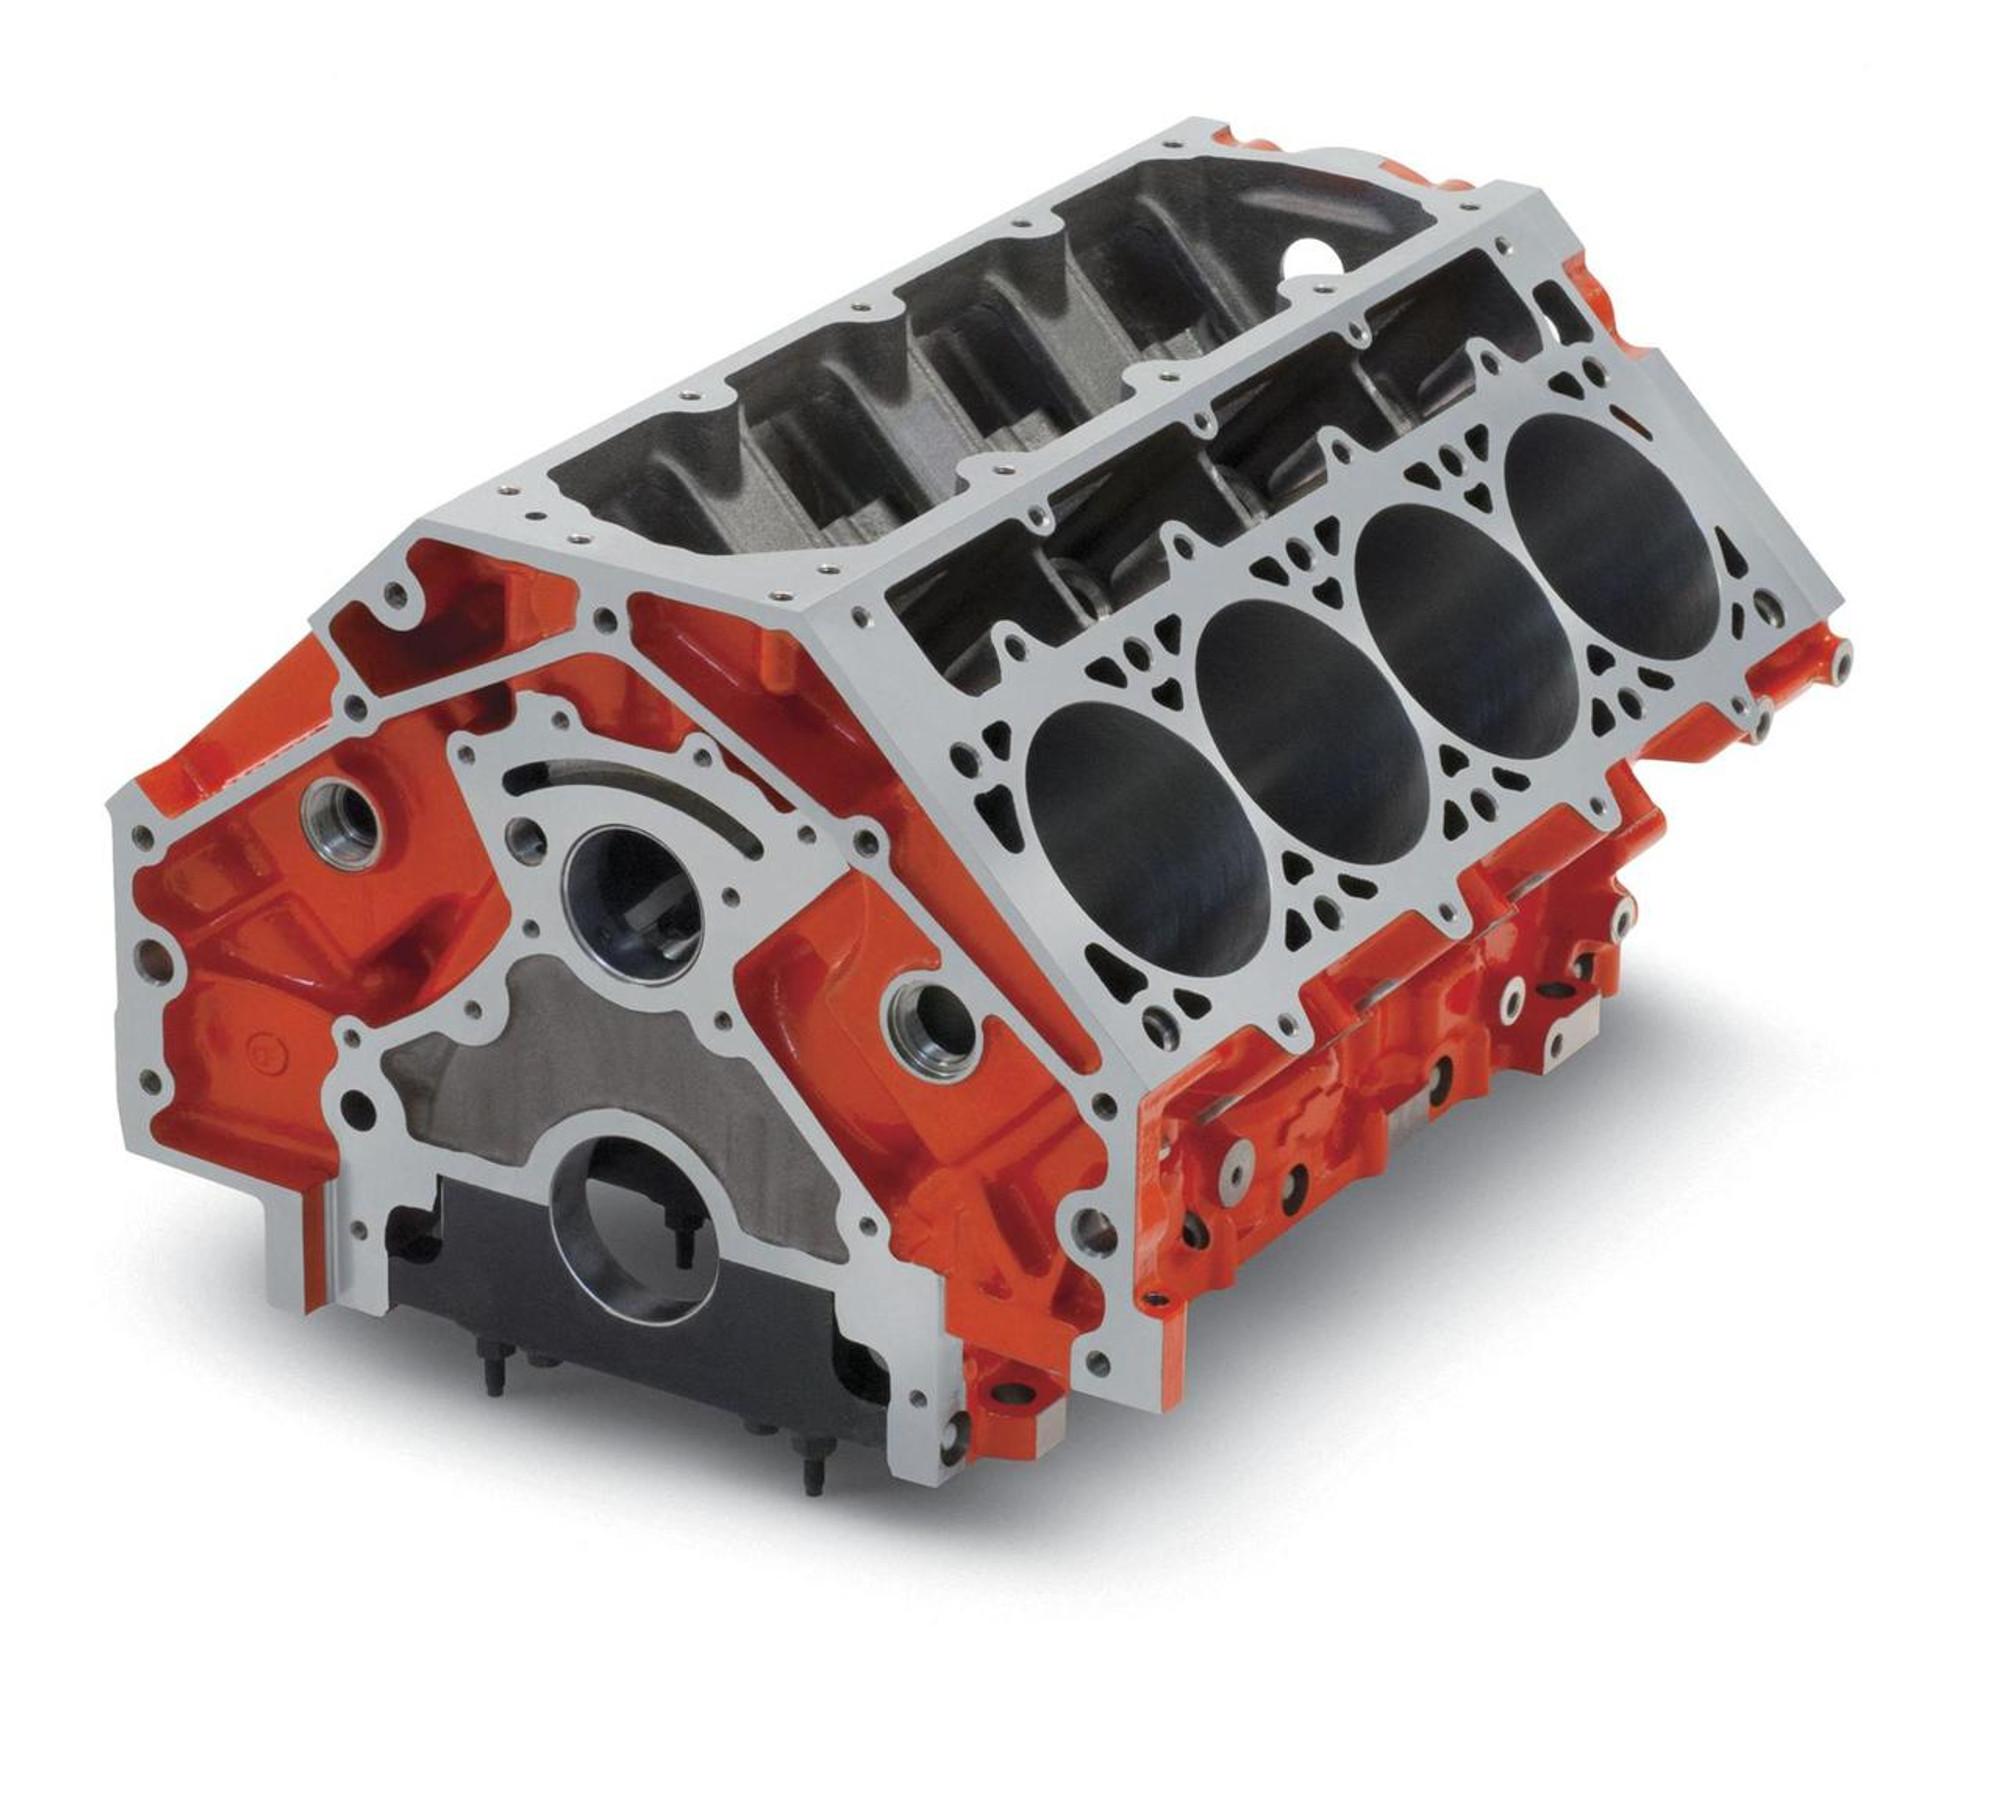 GM Performance LSX 376 Block 9240 Deck 4065 Bore Part 19260095